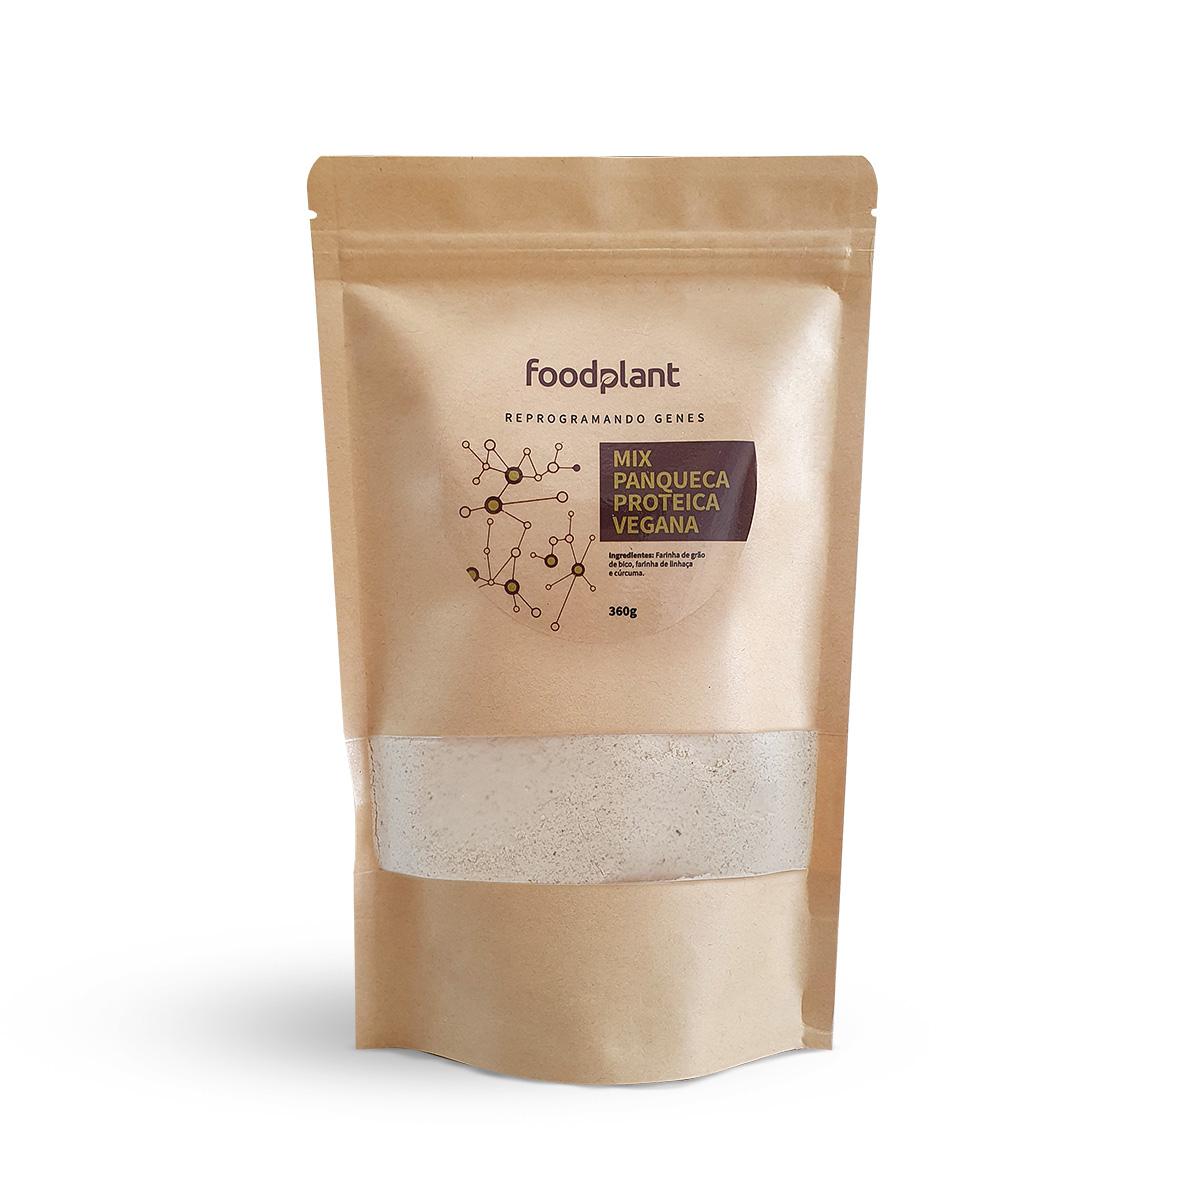 Mix Panqueca Protéica Vegana Foodplant 360g